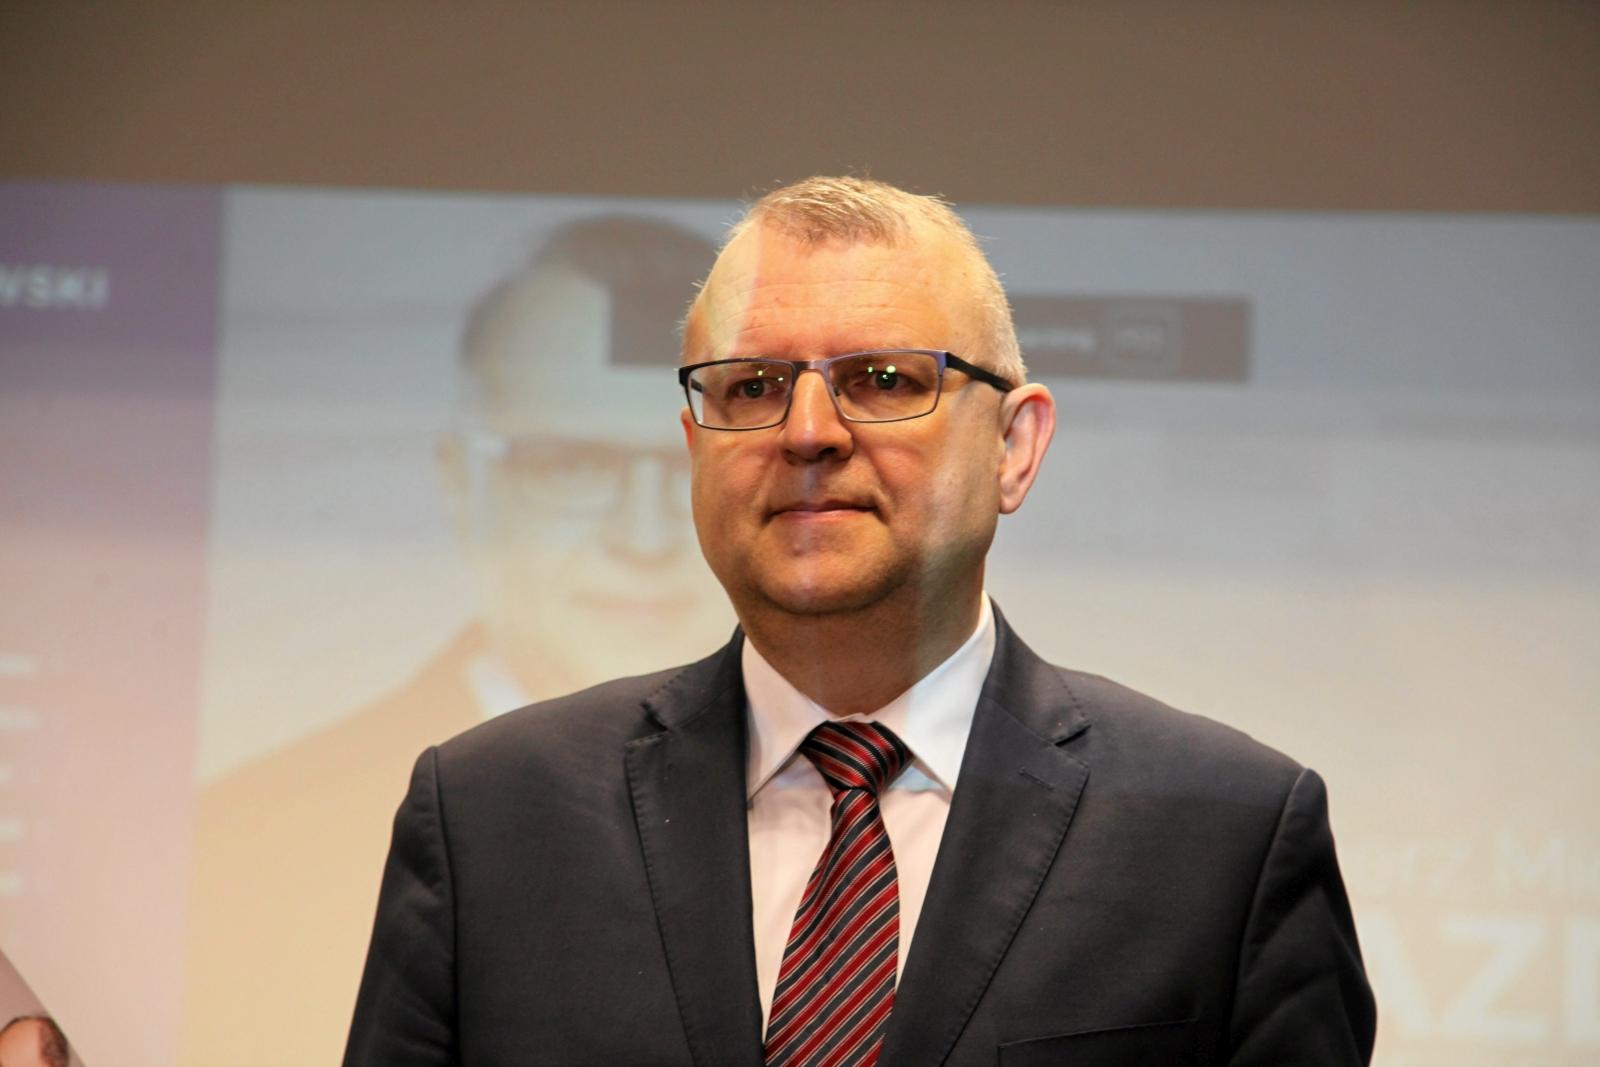 Kazimierz Ujazdowski ogłasza odejście z PiS (fot. Mieczysław Michalak/AG)